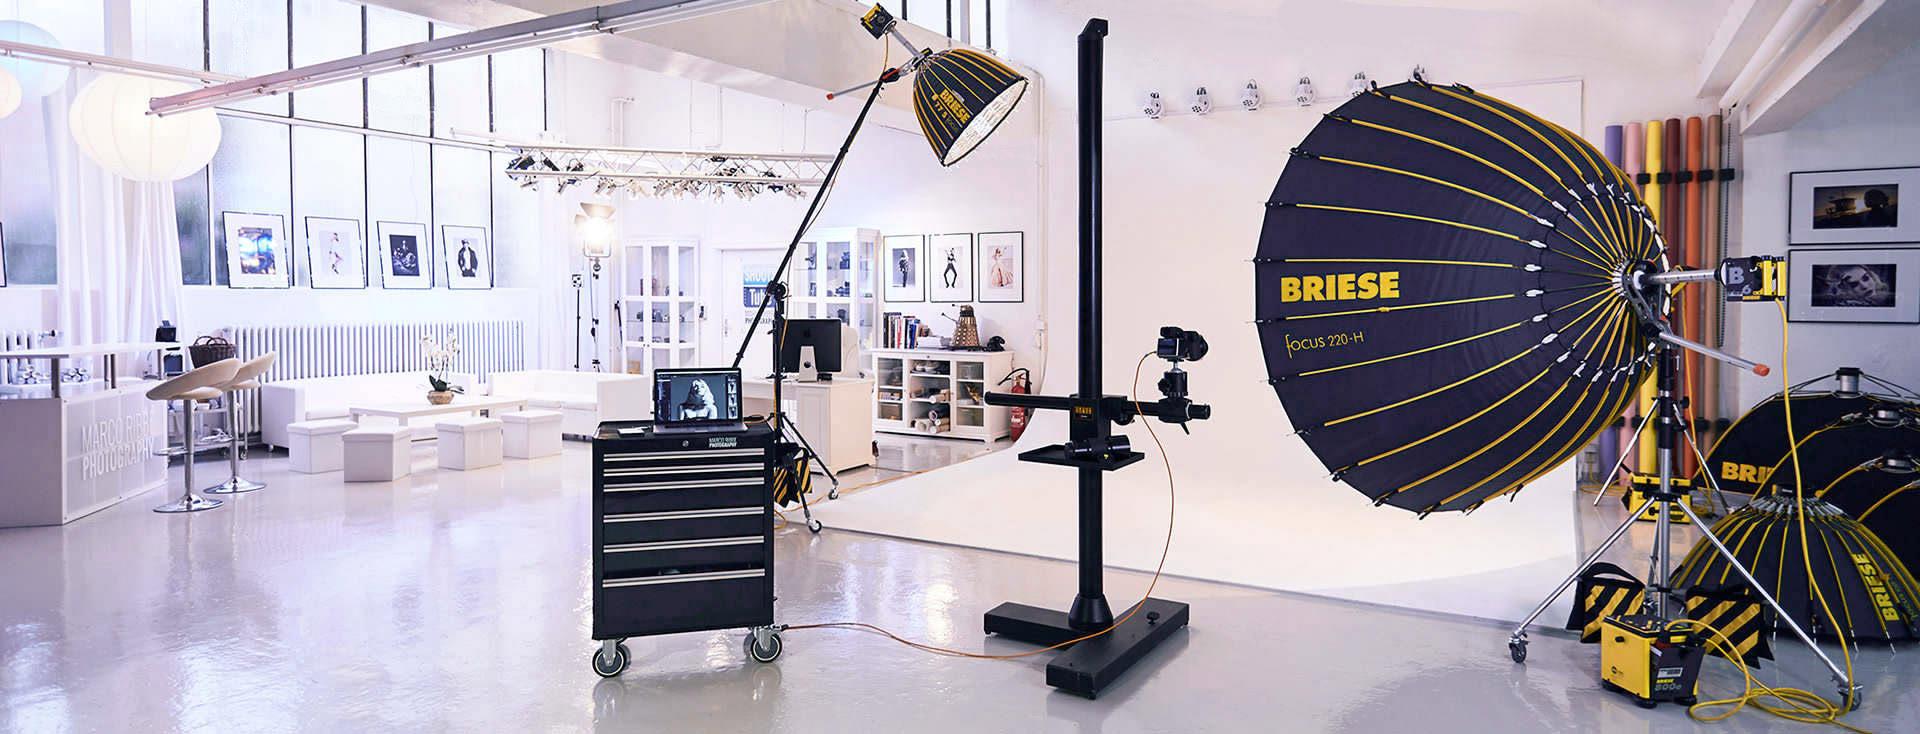 Das Fotostudio Marco Ribbe in Heilbronn ist perfekt ausgerüstet mit einer Blitzanlage von Briese Lichttechnik für Business und Werbefotografie. Zur Verfügung stehen verschiedene Hohlkehlen und Hintergründe. Das Studio kann auch gemietet werden.